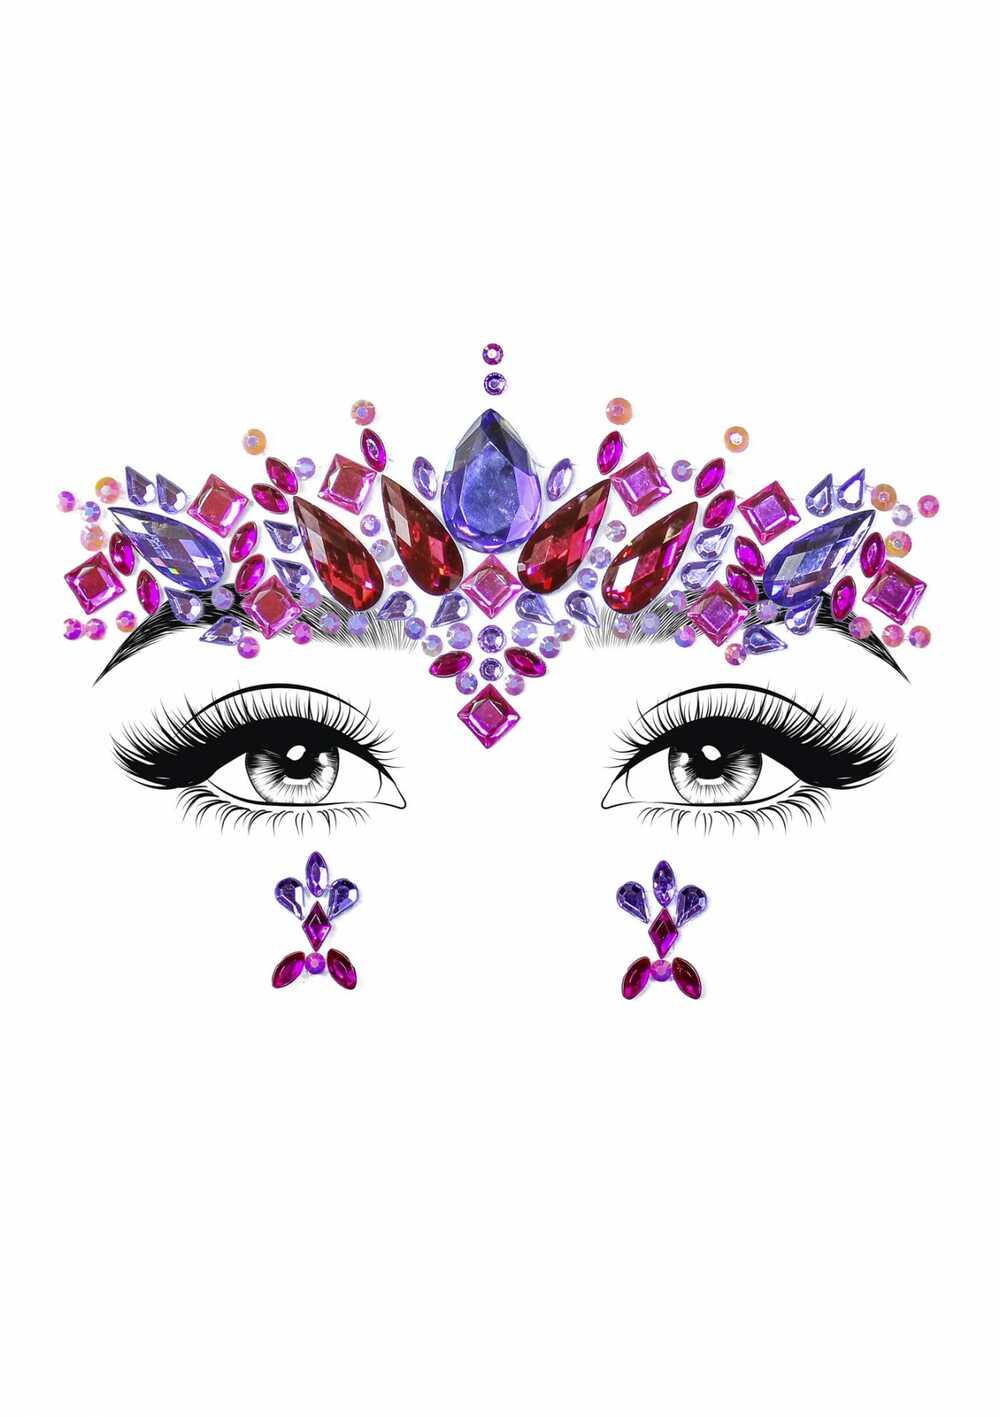 Afbeelding1 Artikel: Face jewels met fuchsia en paars Variant: 1962 Parent: 917 Datum: 24/08/2019 17:21:37